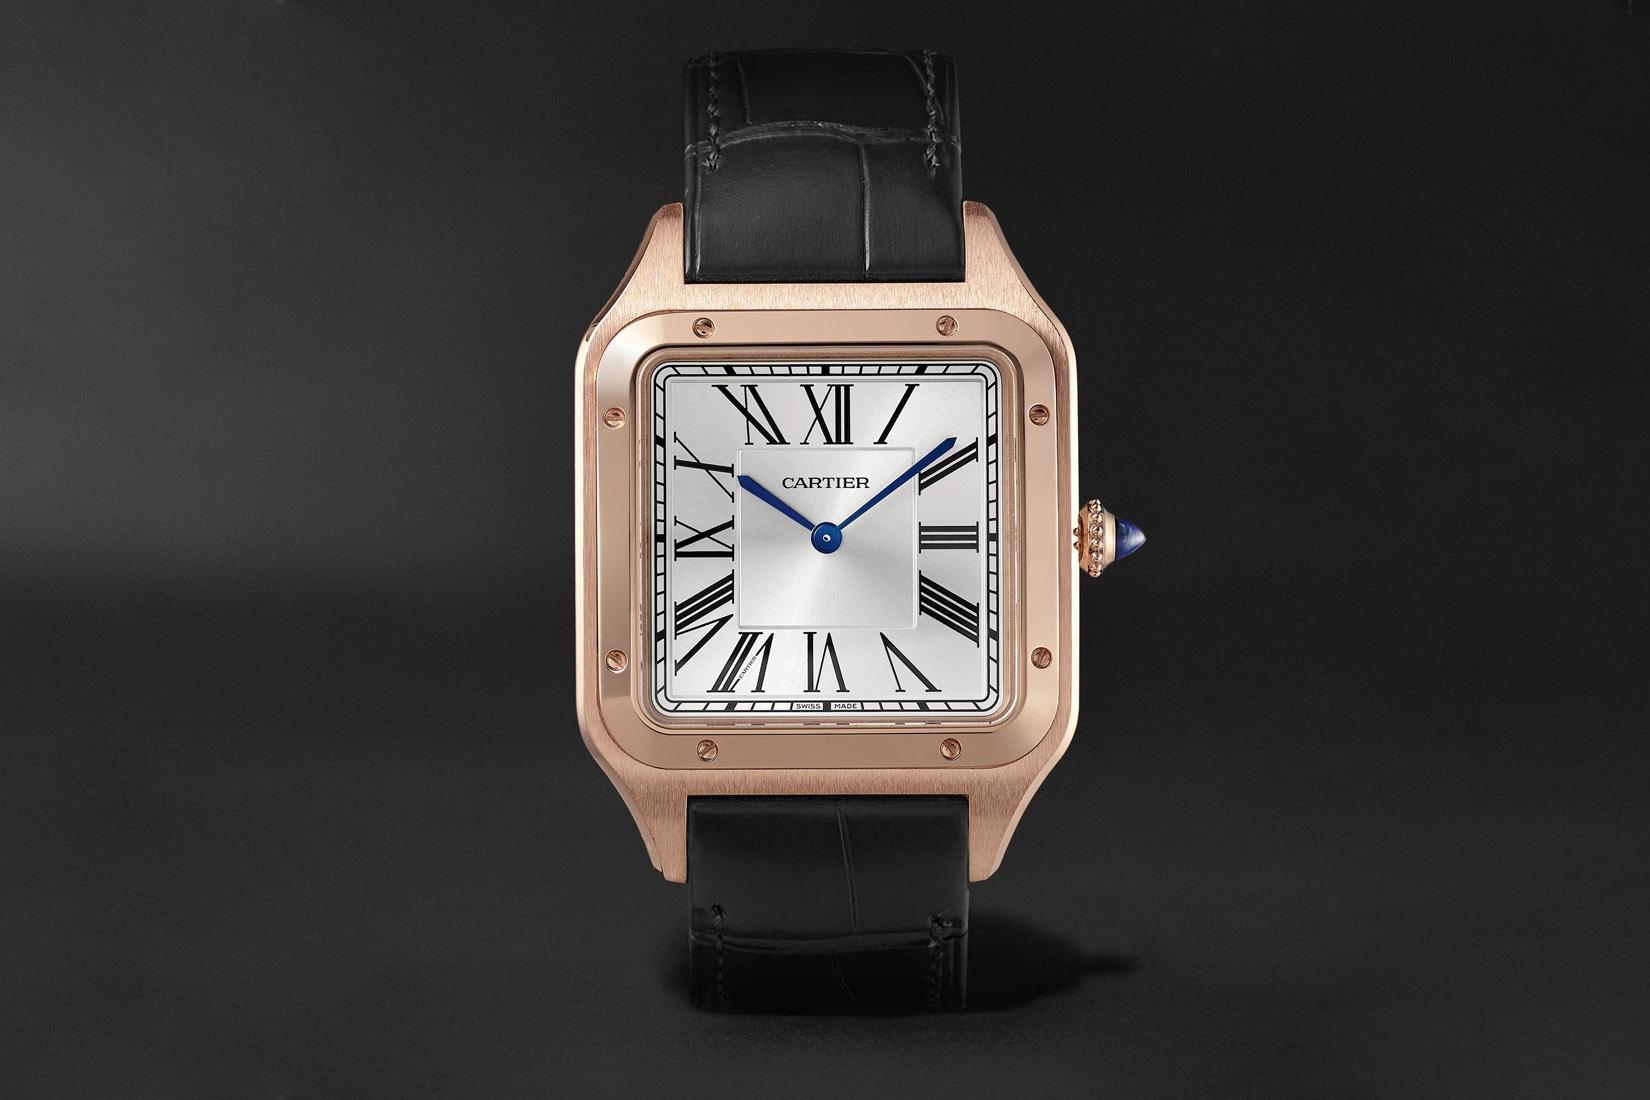 best luxury watch cartier santos-dumont Luxe Digital